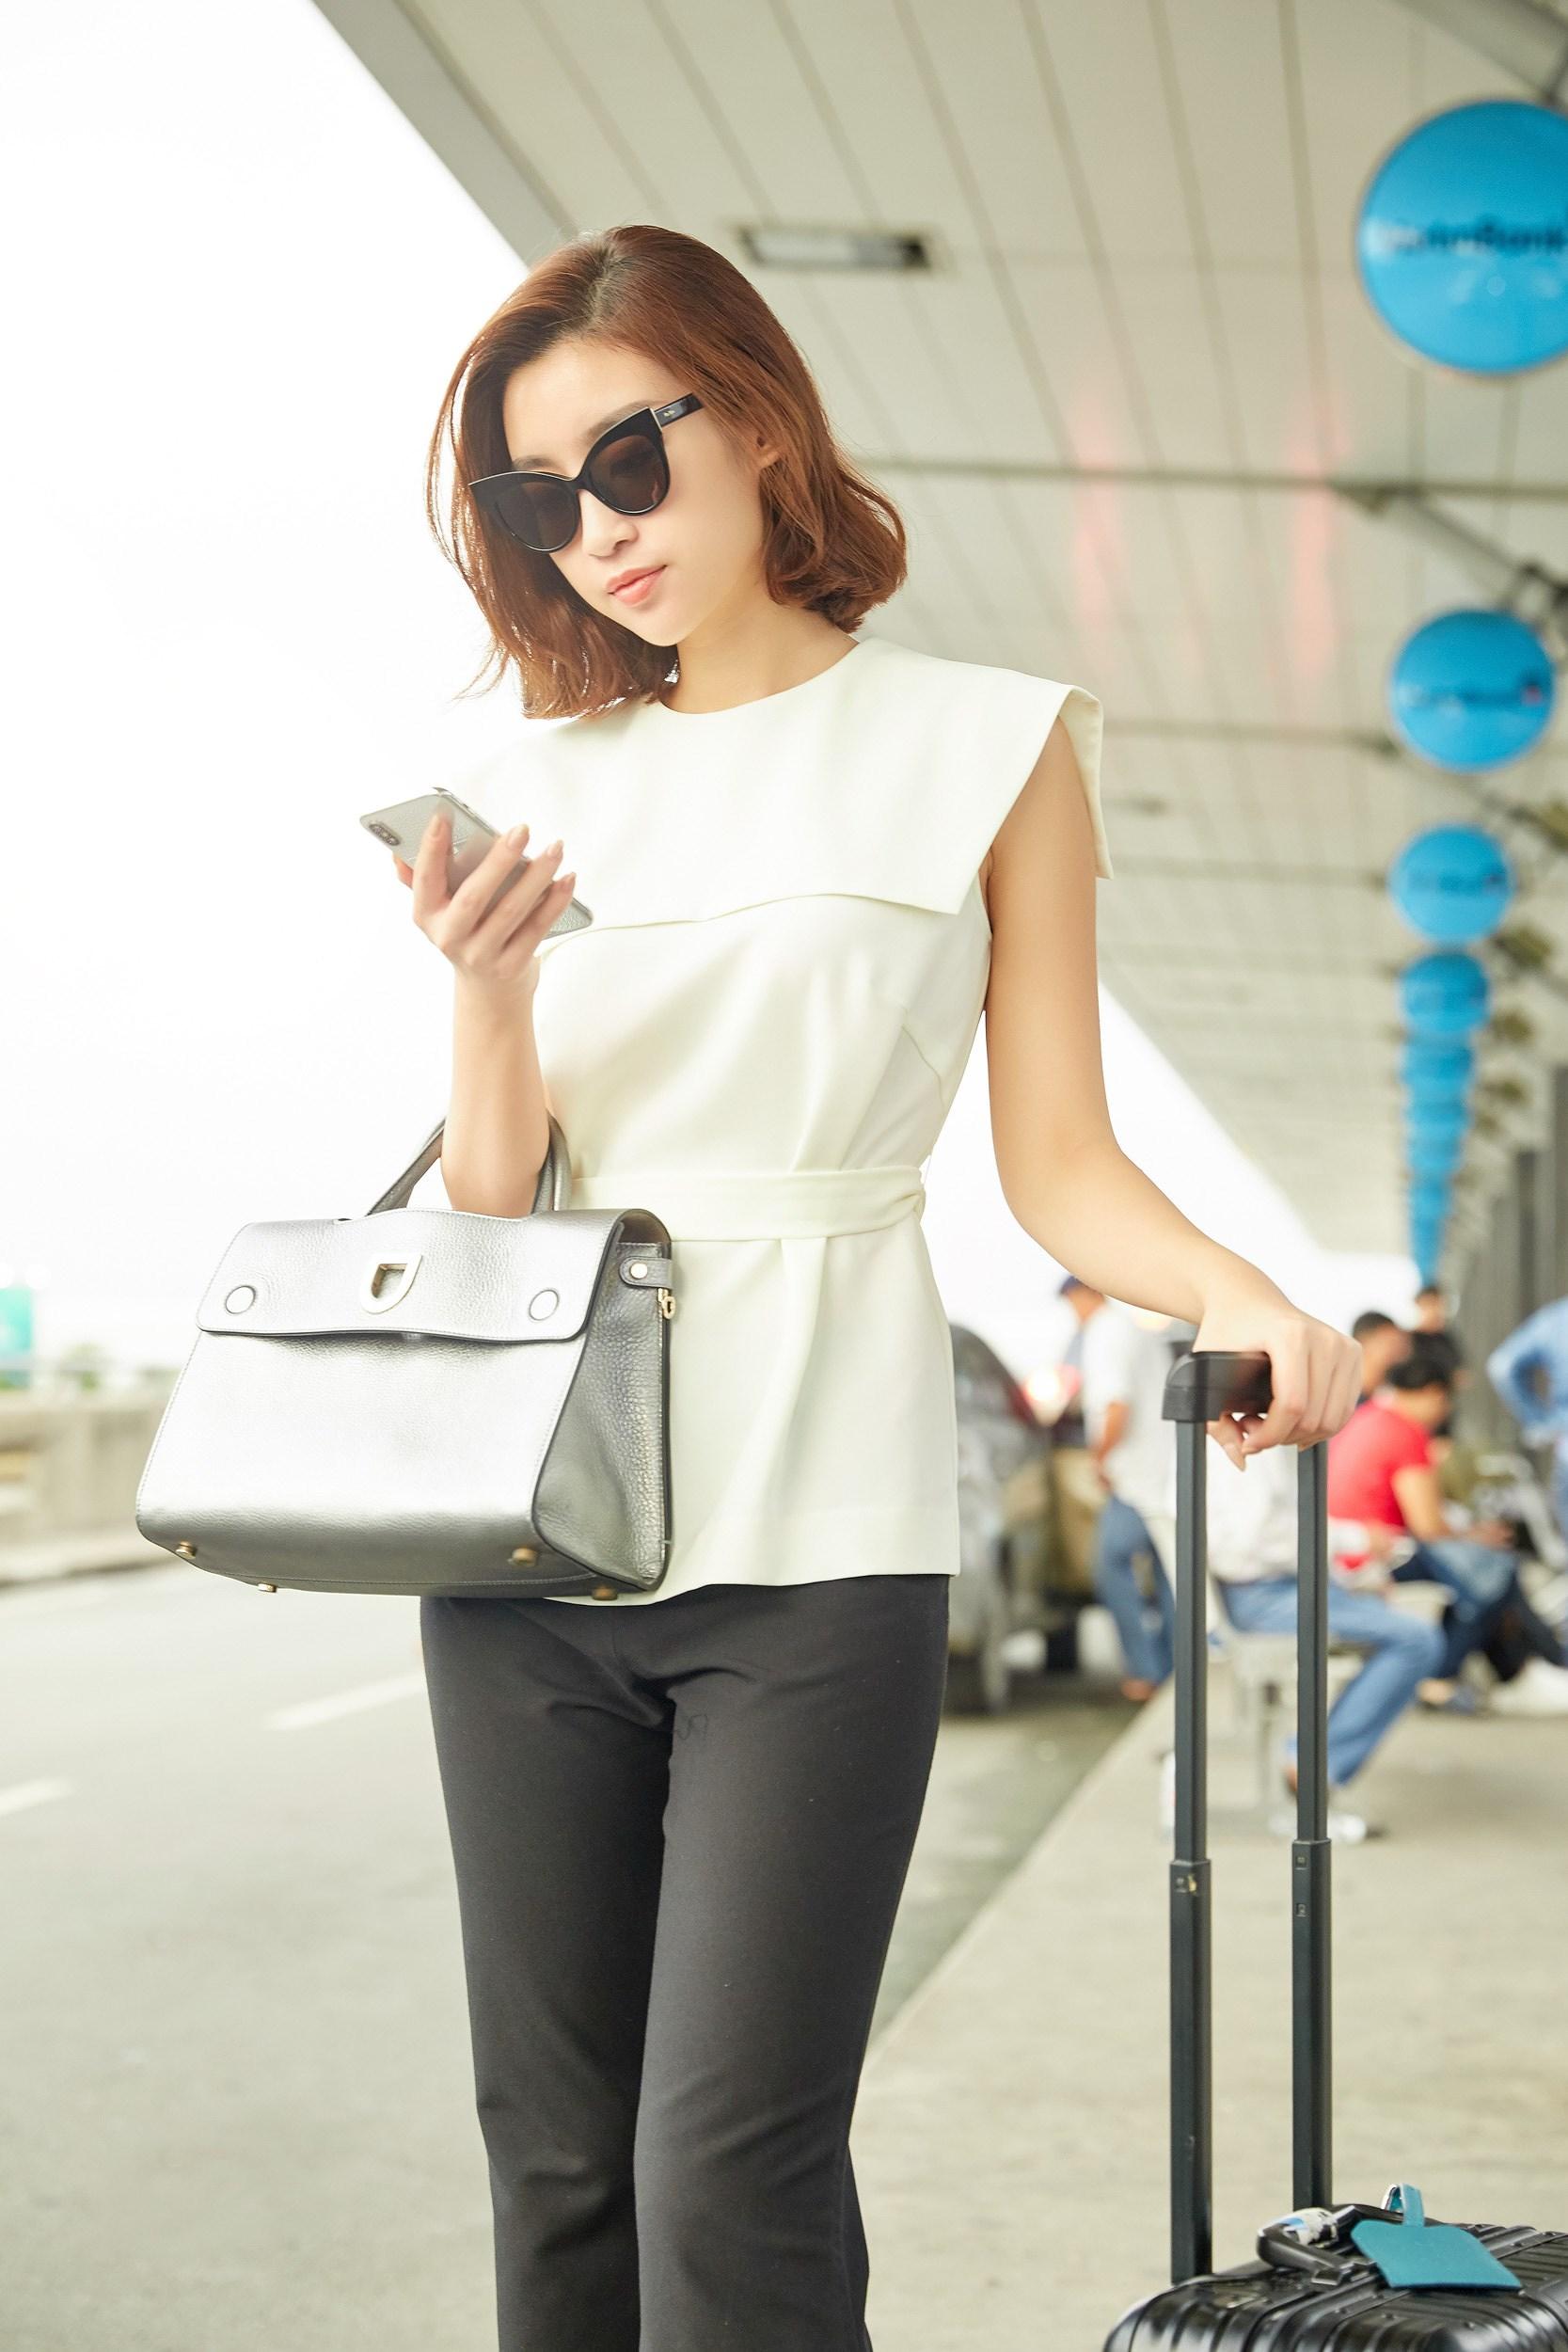 Hoa hậu Đỗ Mỹ Linh và Phương Ly đọ mặt mộc xinh đẹp tại sân bay Ảnh 2